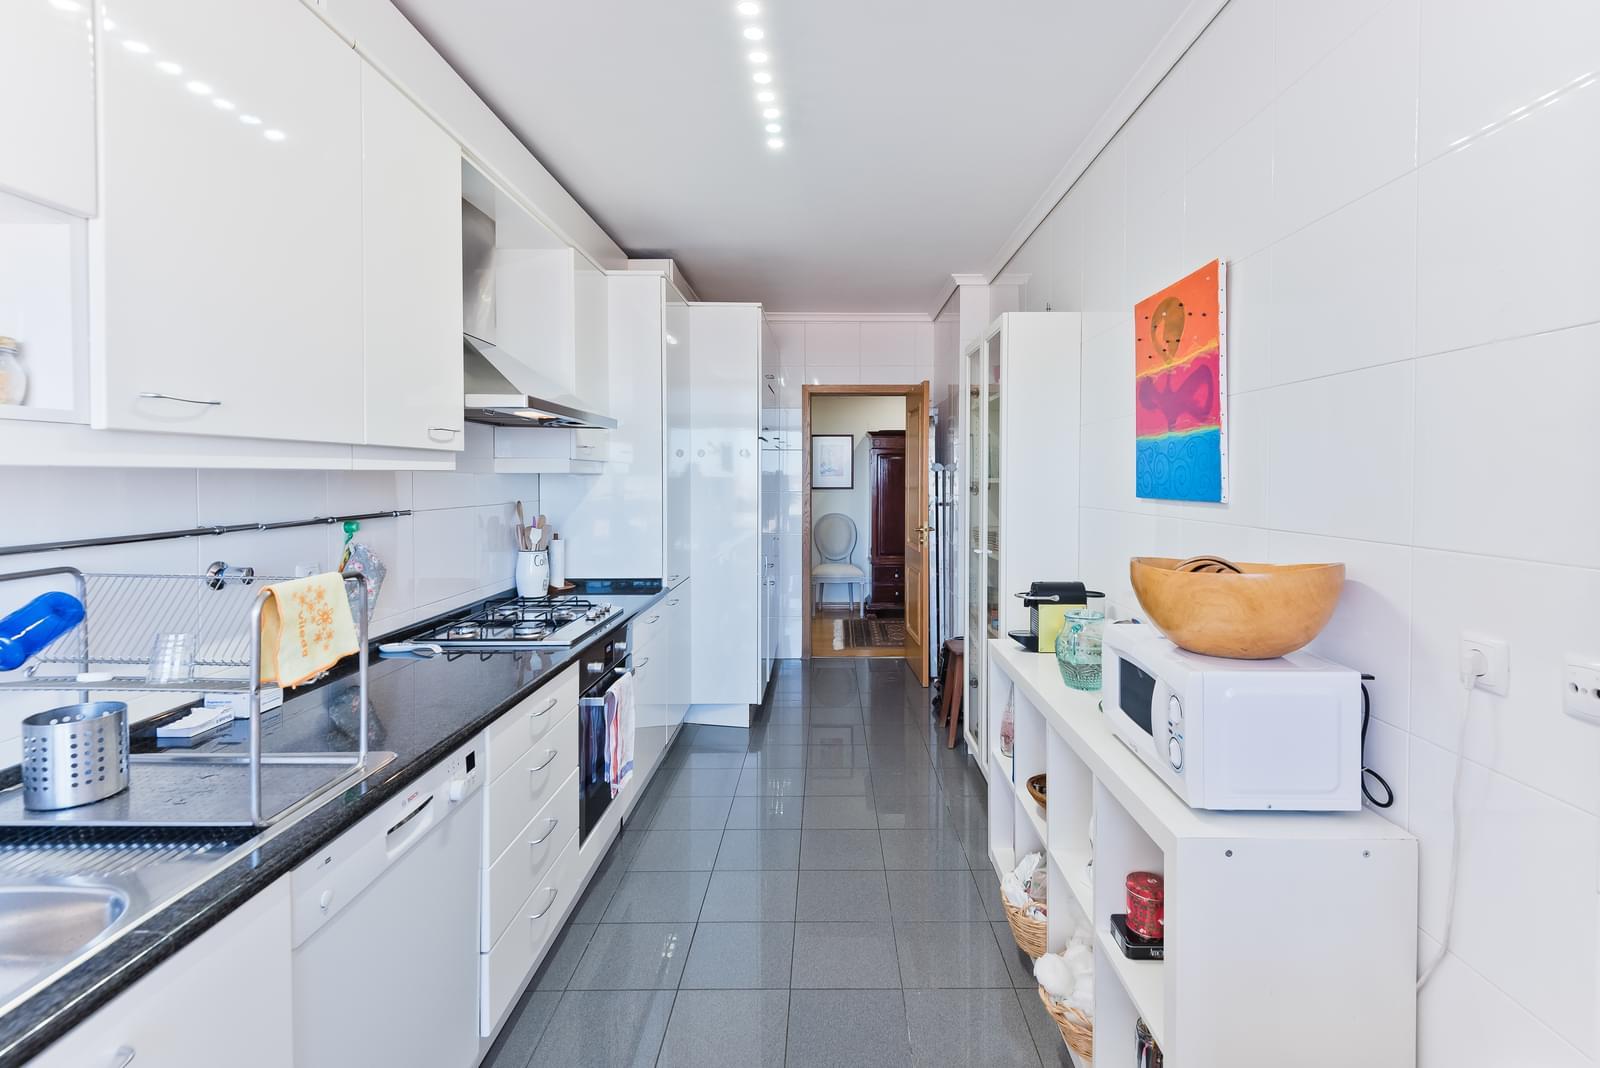 pf18286-apartamento-t2-cascais-14ed3817-4a05-446e-a463-d9f656efec43